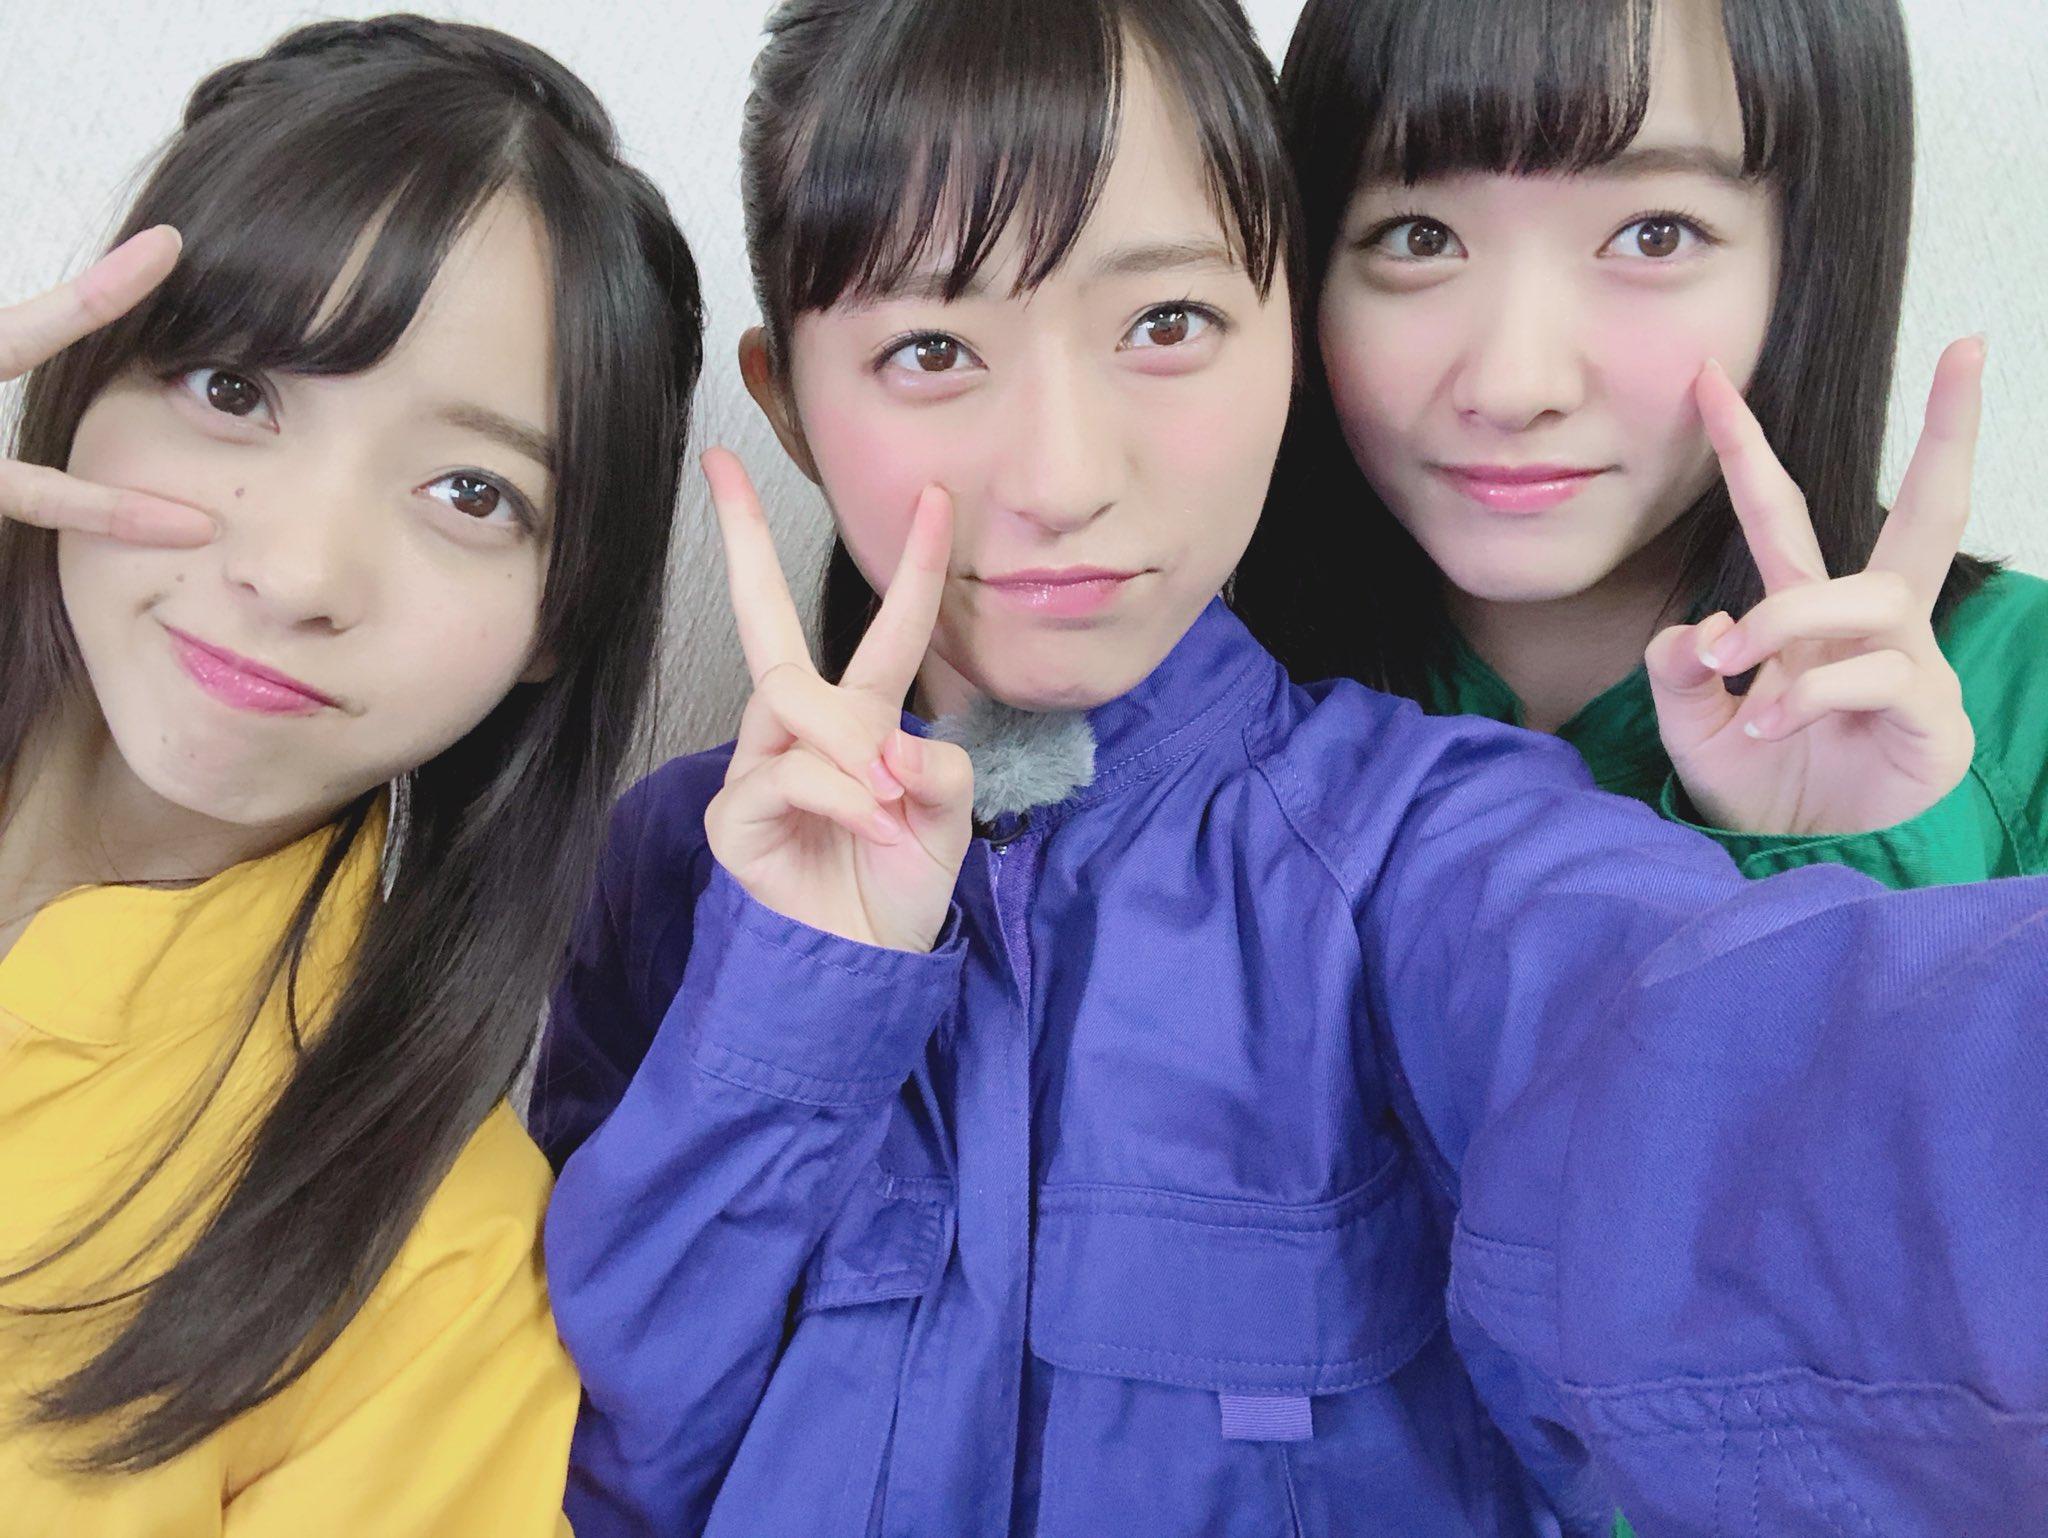 """STU48: STU48_member On Twitter: """"初めまして! STU48、広島県出身の #みちゅ こと #今村"""